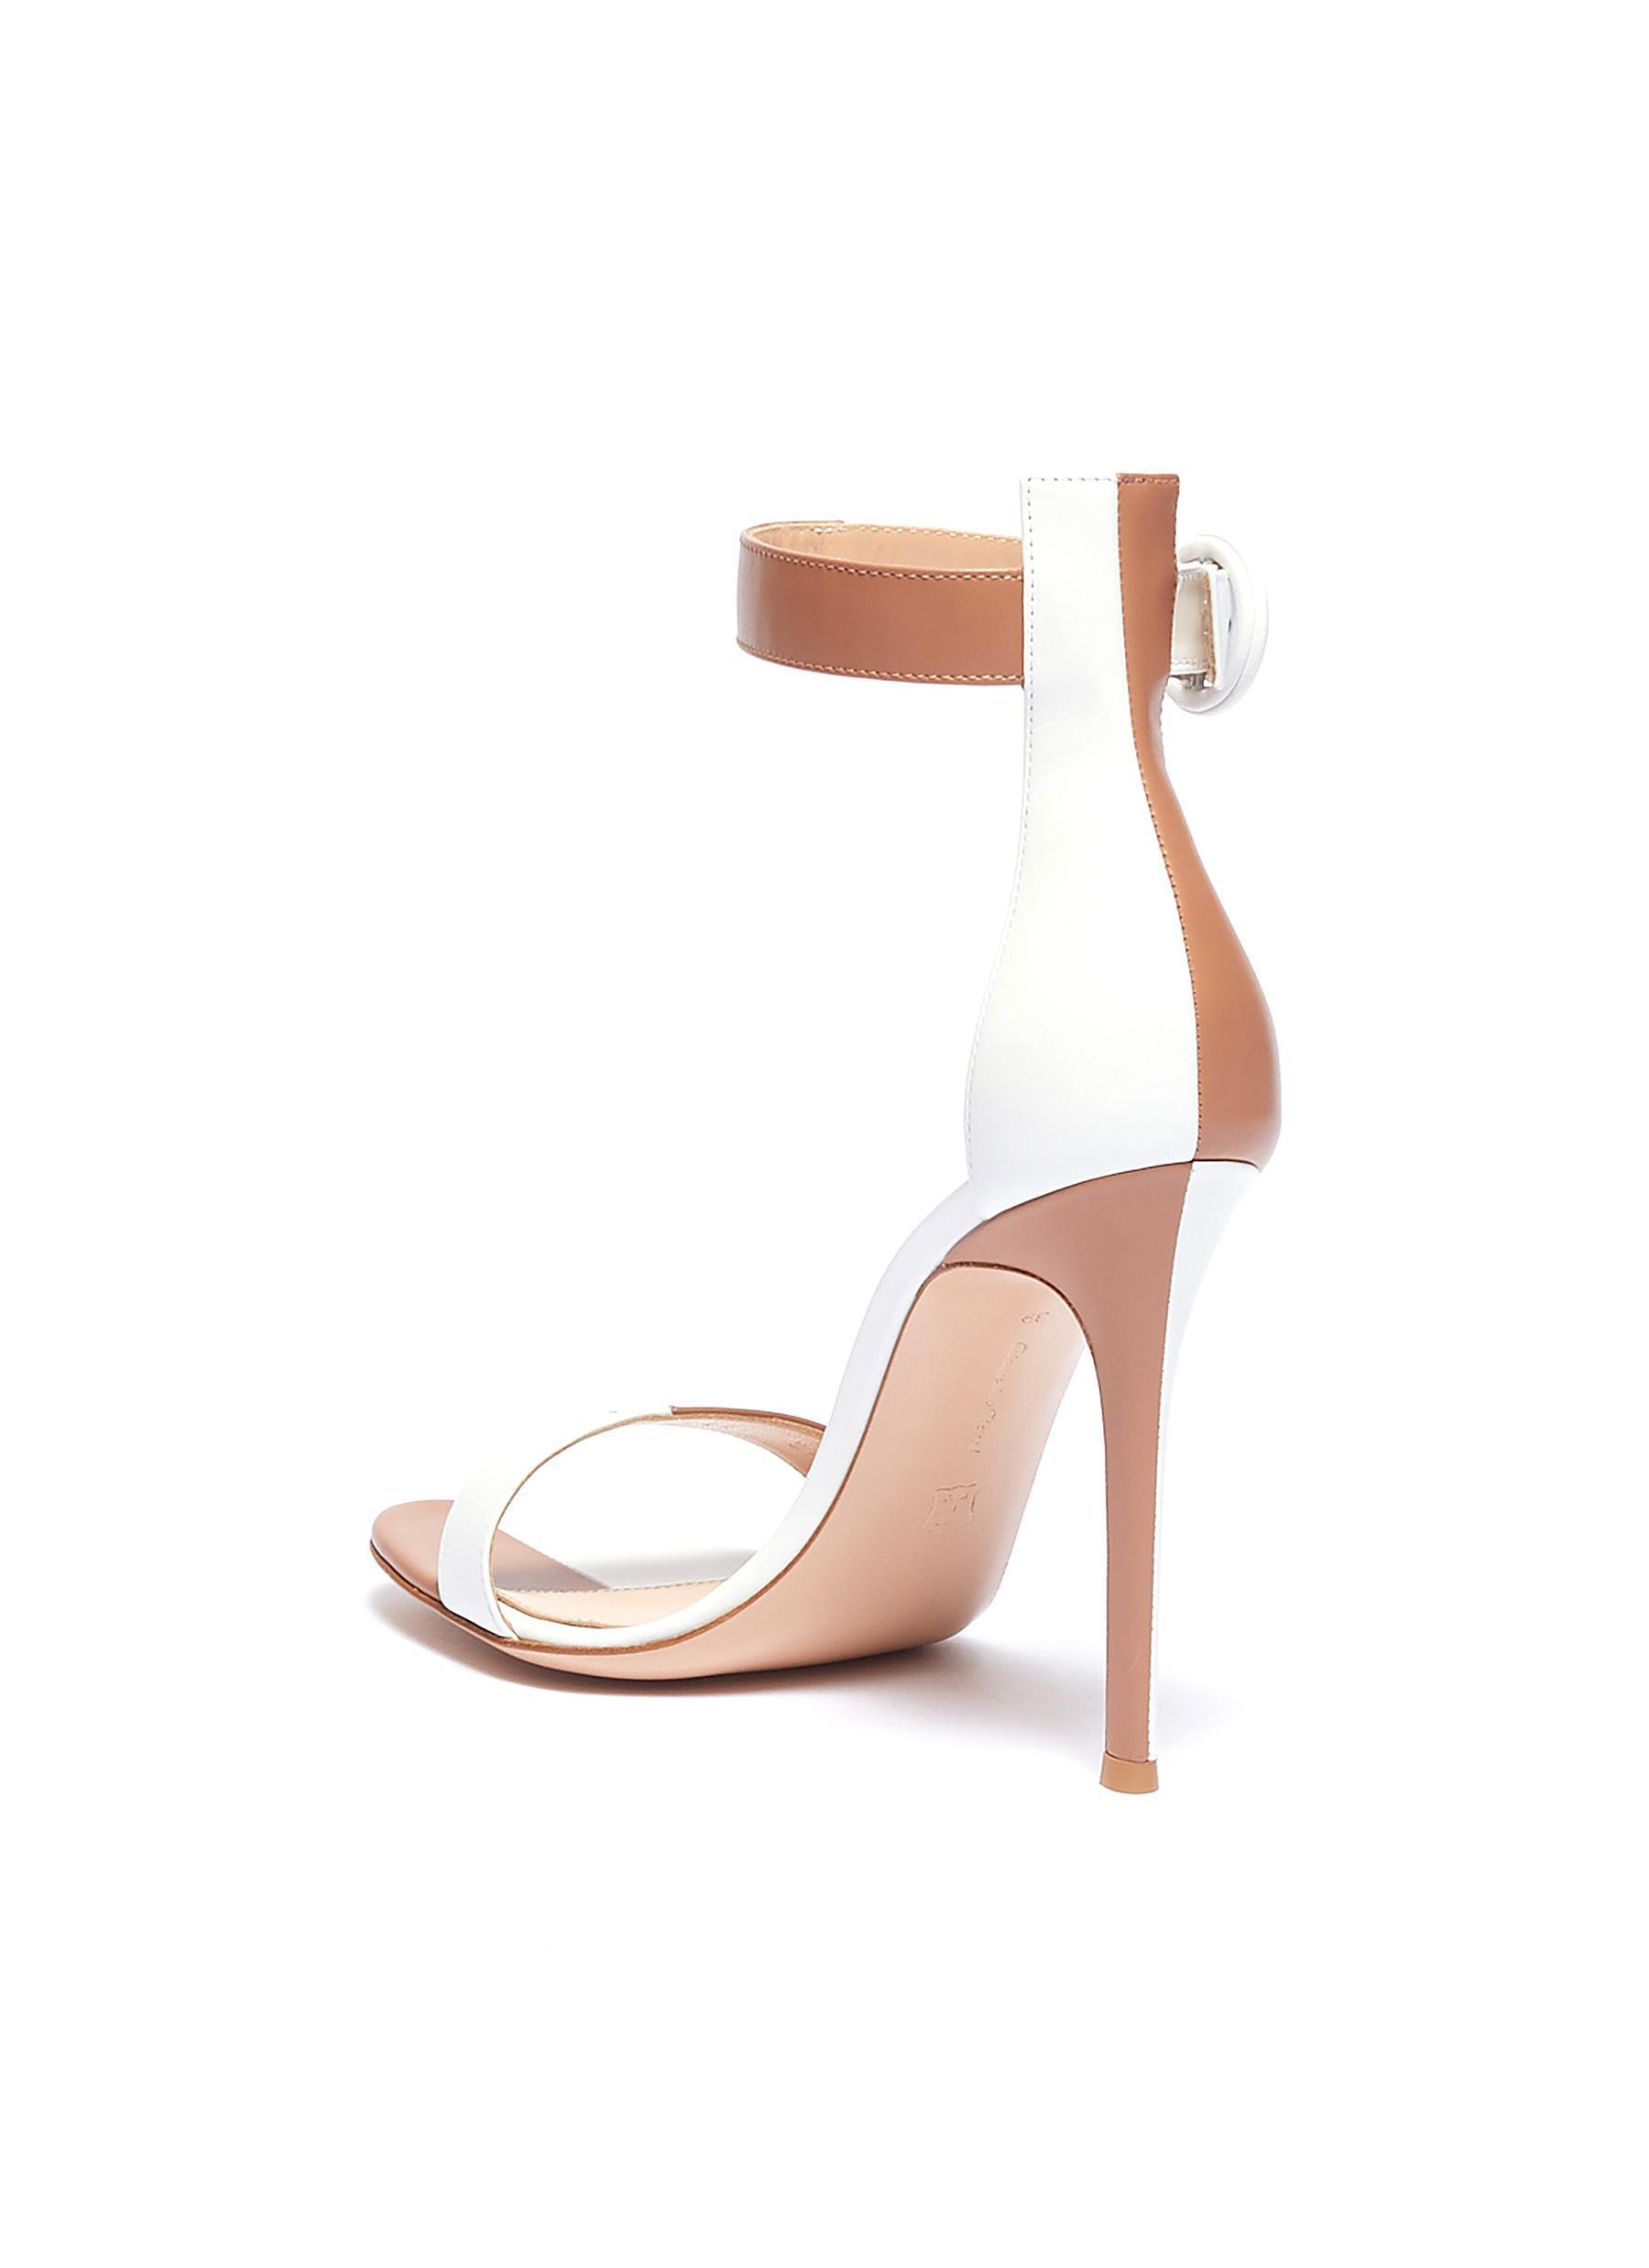 c3e77508d70 Gianvito Rossi - Multicolor  dama  Colourblock Ankle Strap Leather Sandals  for Men - Lyst. View fullscreen